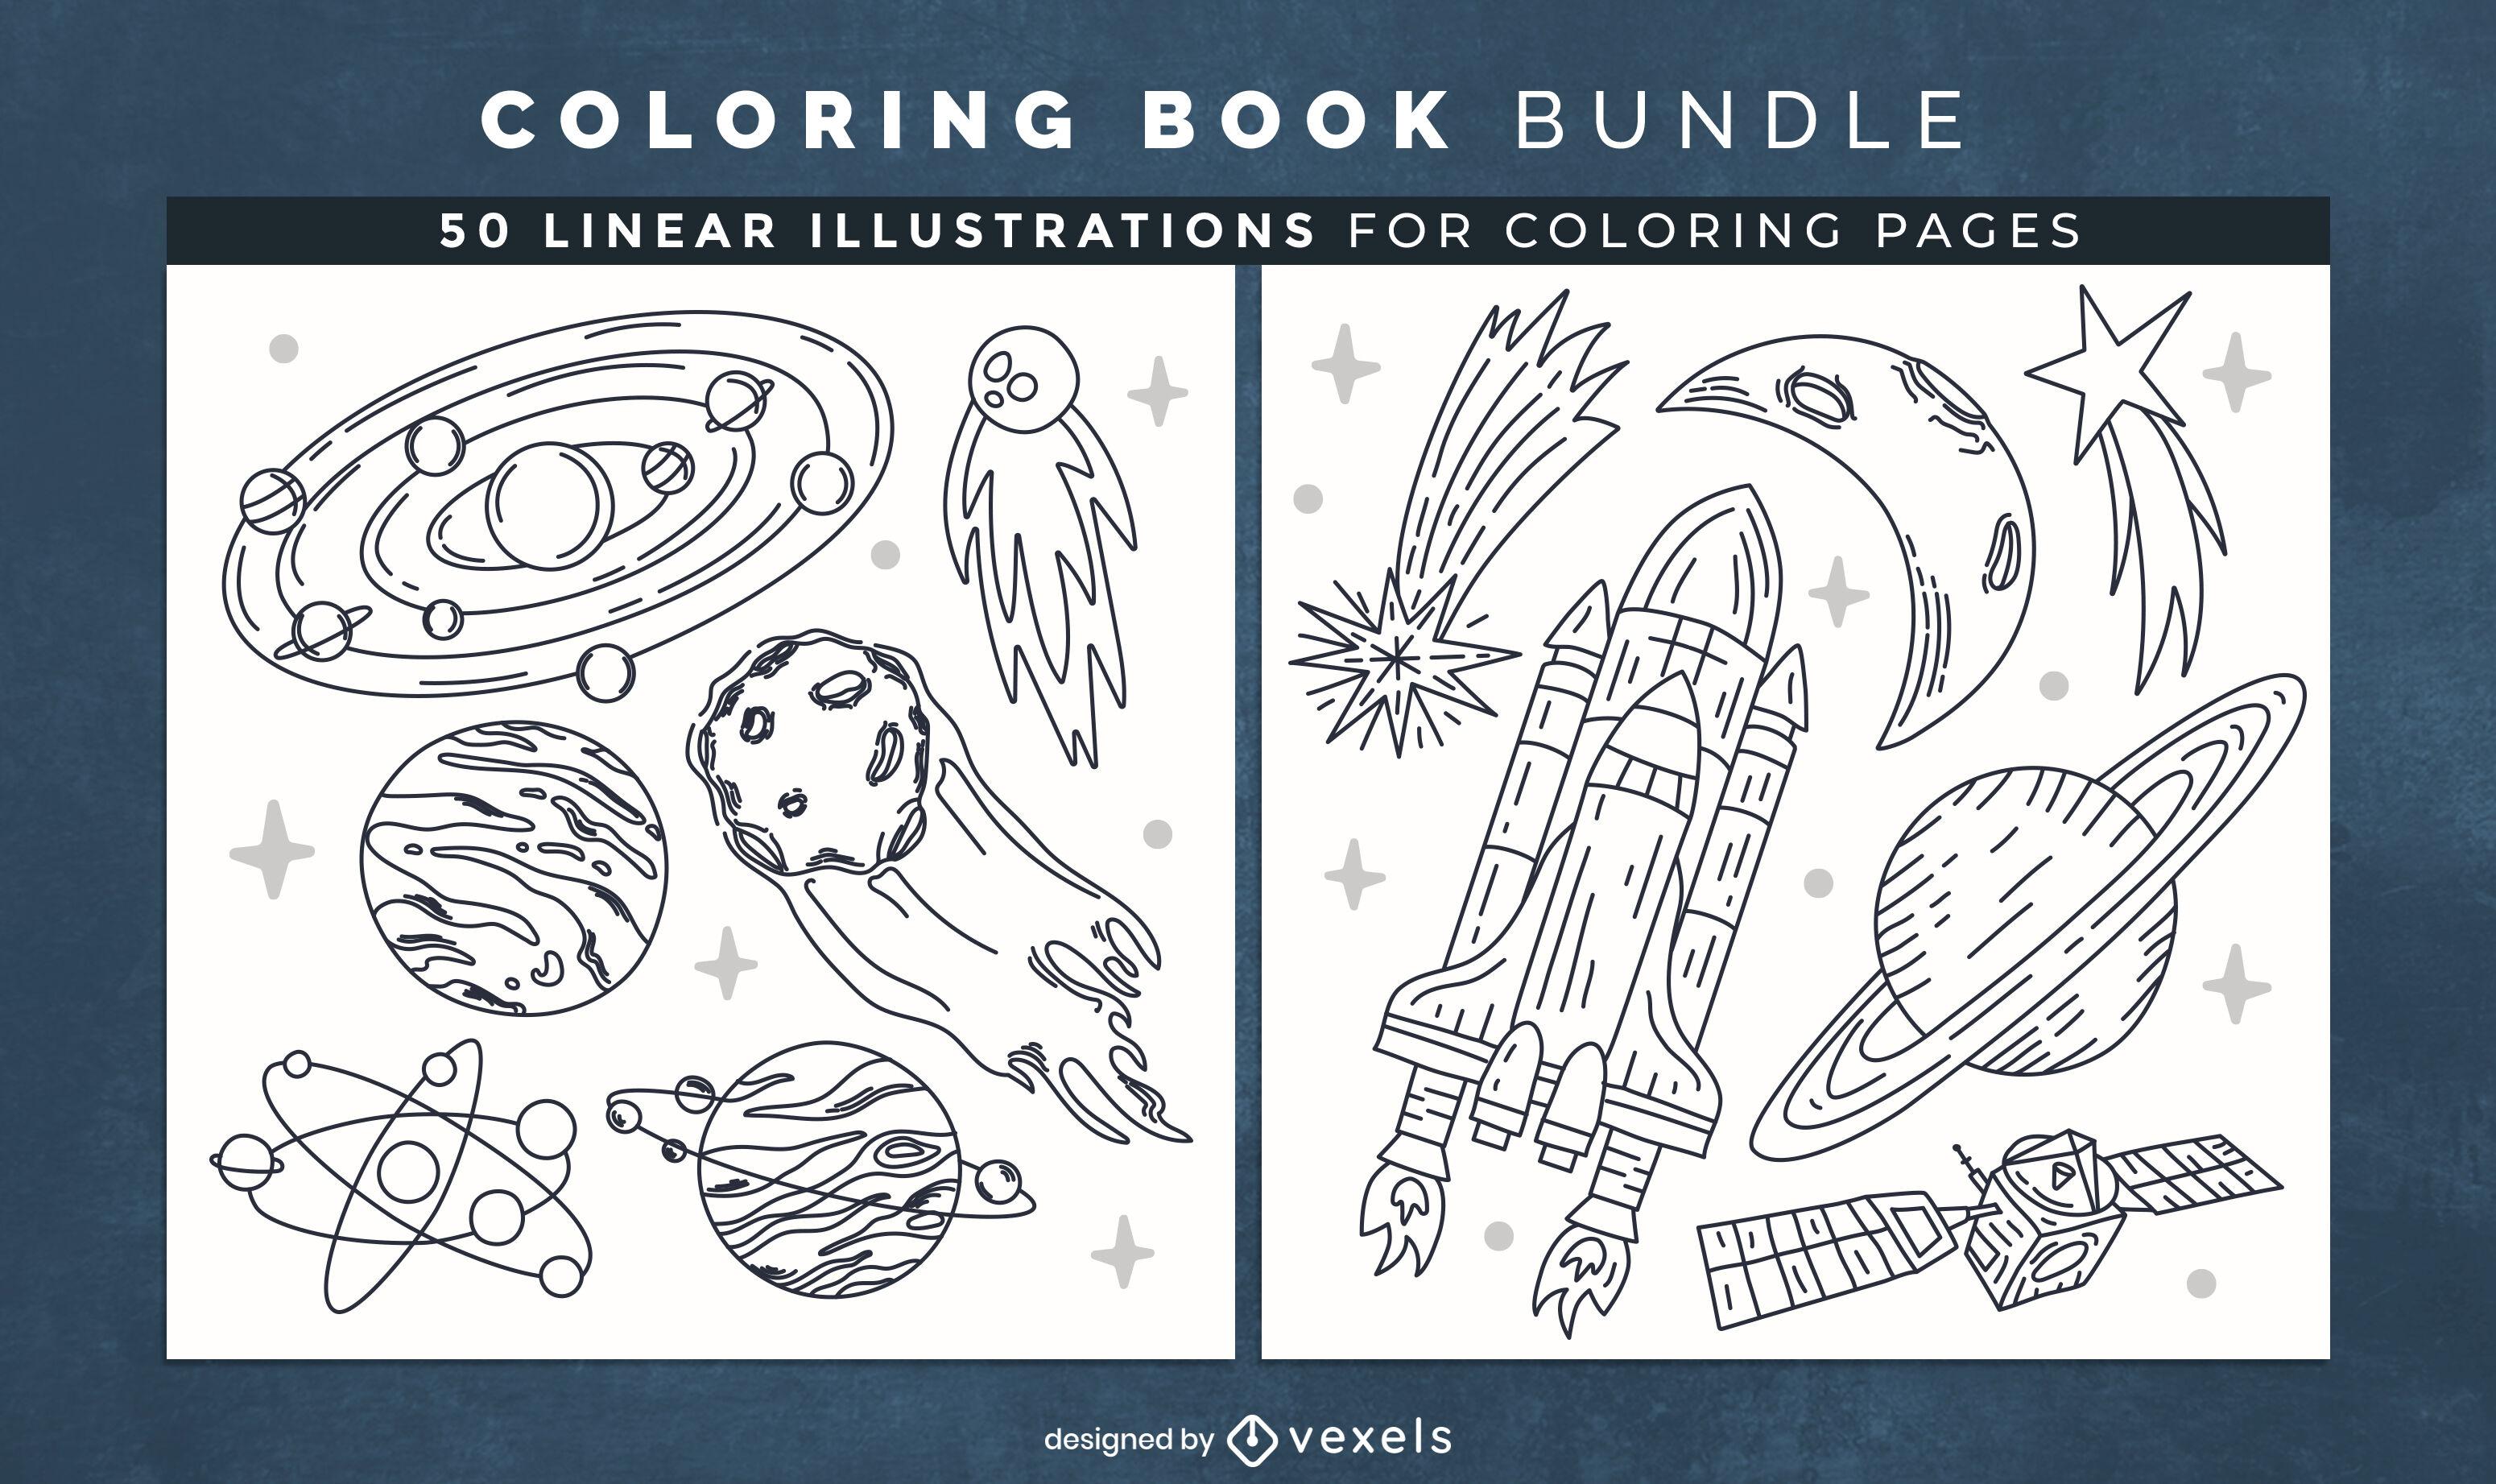 Weltraumelemente Malbuch Designseiten